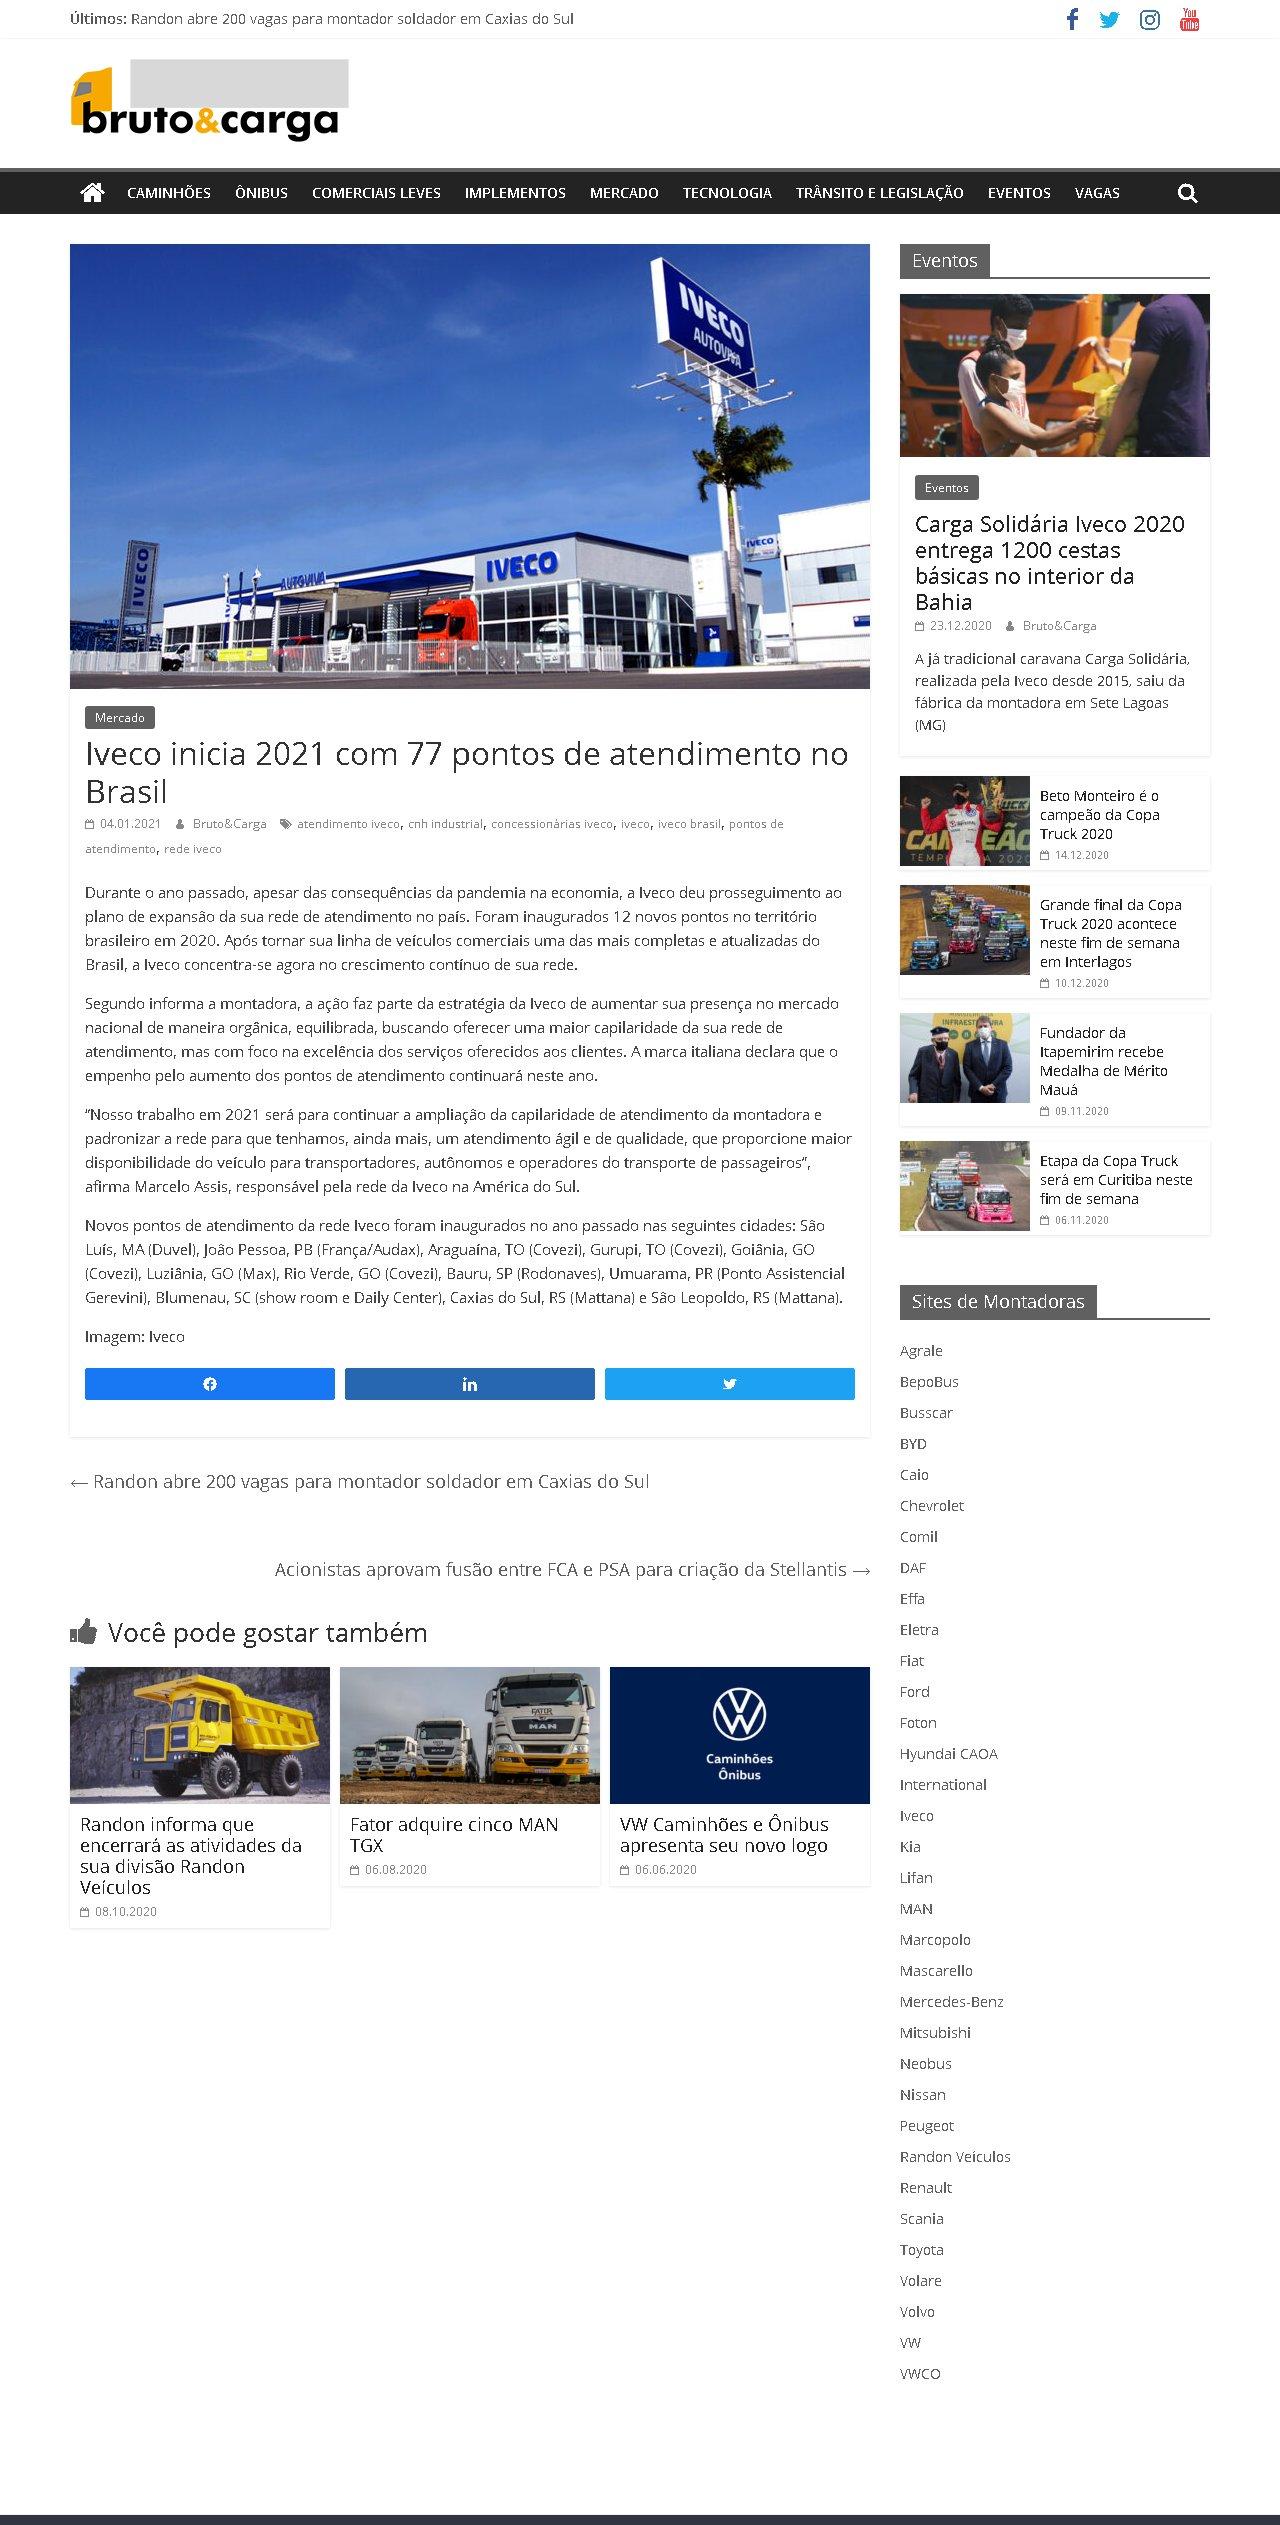 Iveco inicia 2021 com 77 pontos de atendimento no Brasil - Bruto e Carga